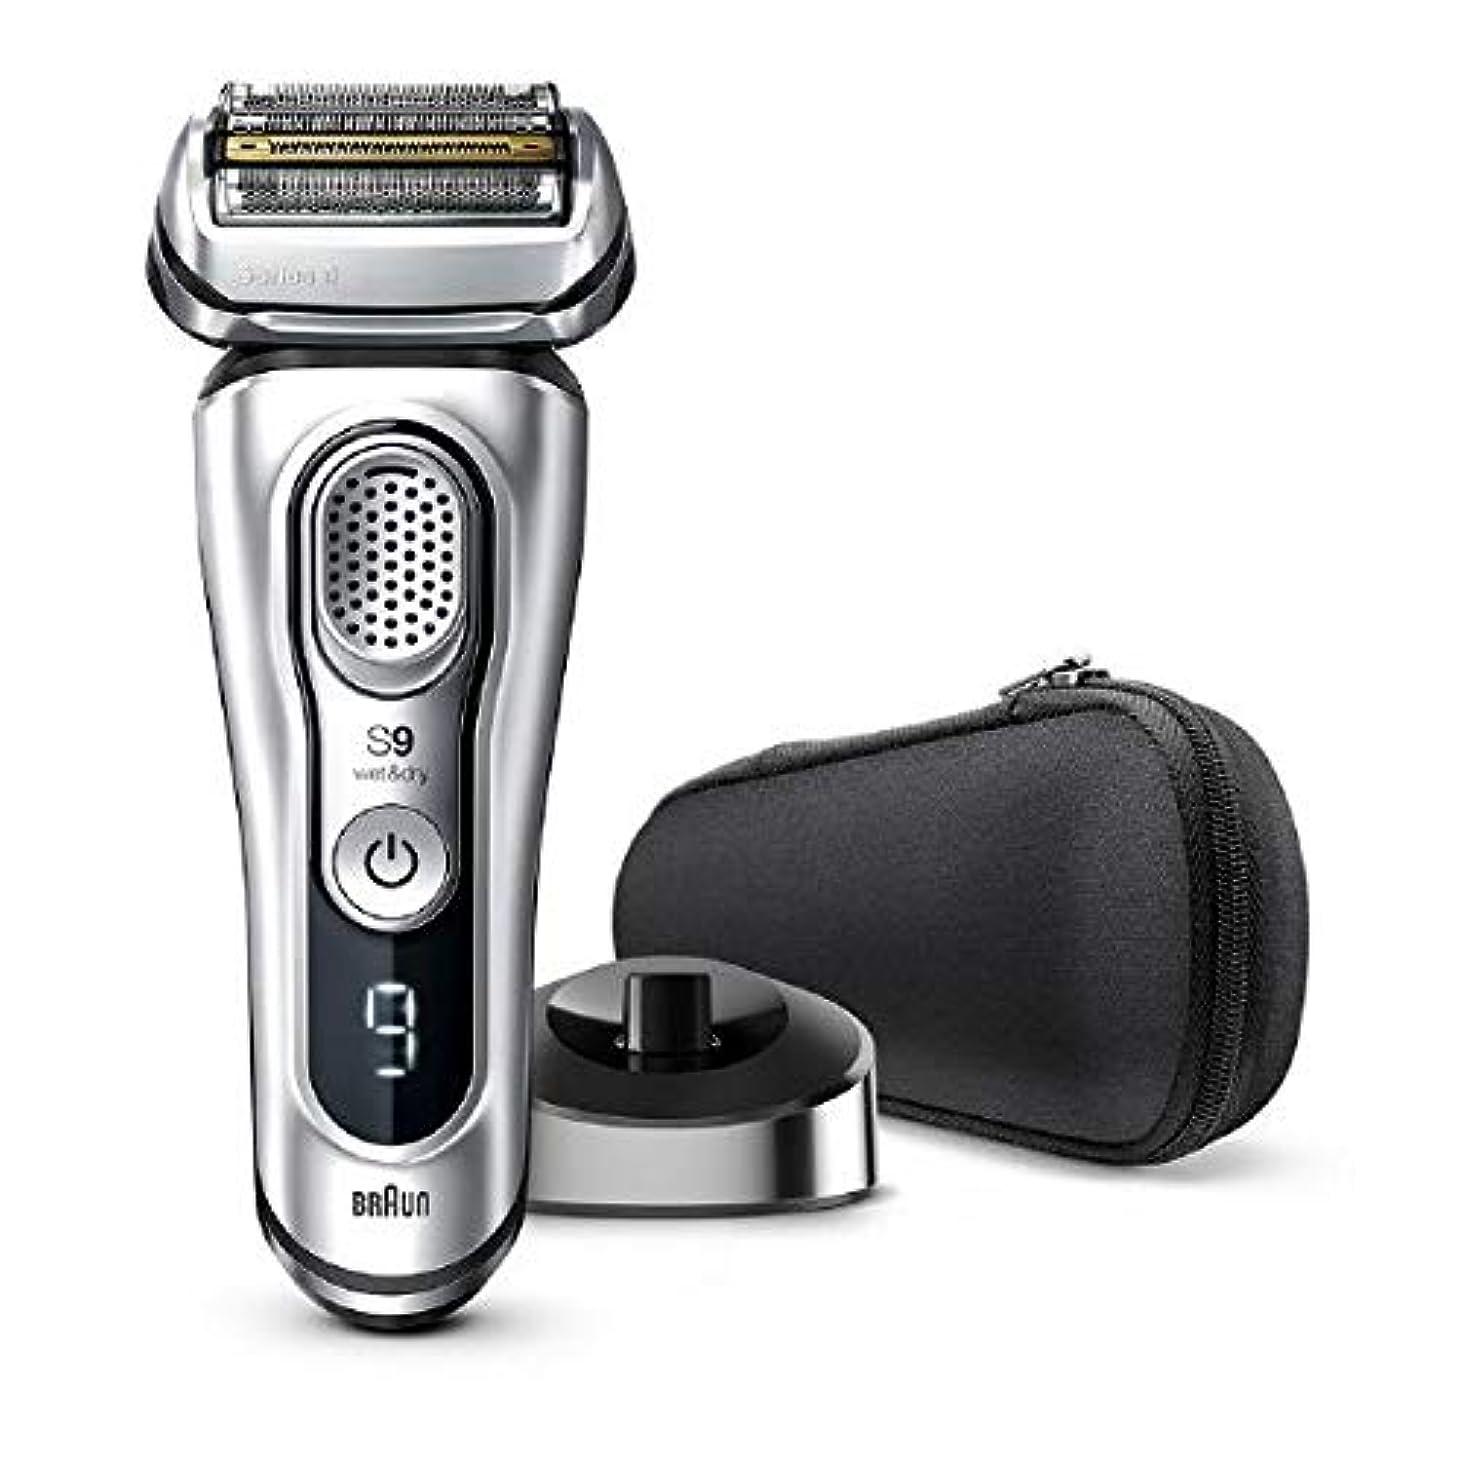 不完全な死授業料ブラウン メンズ電気シェーバー シリーズ9 5カットシステム 水洗い/お風呂剃り可 9345s